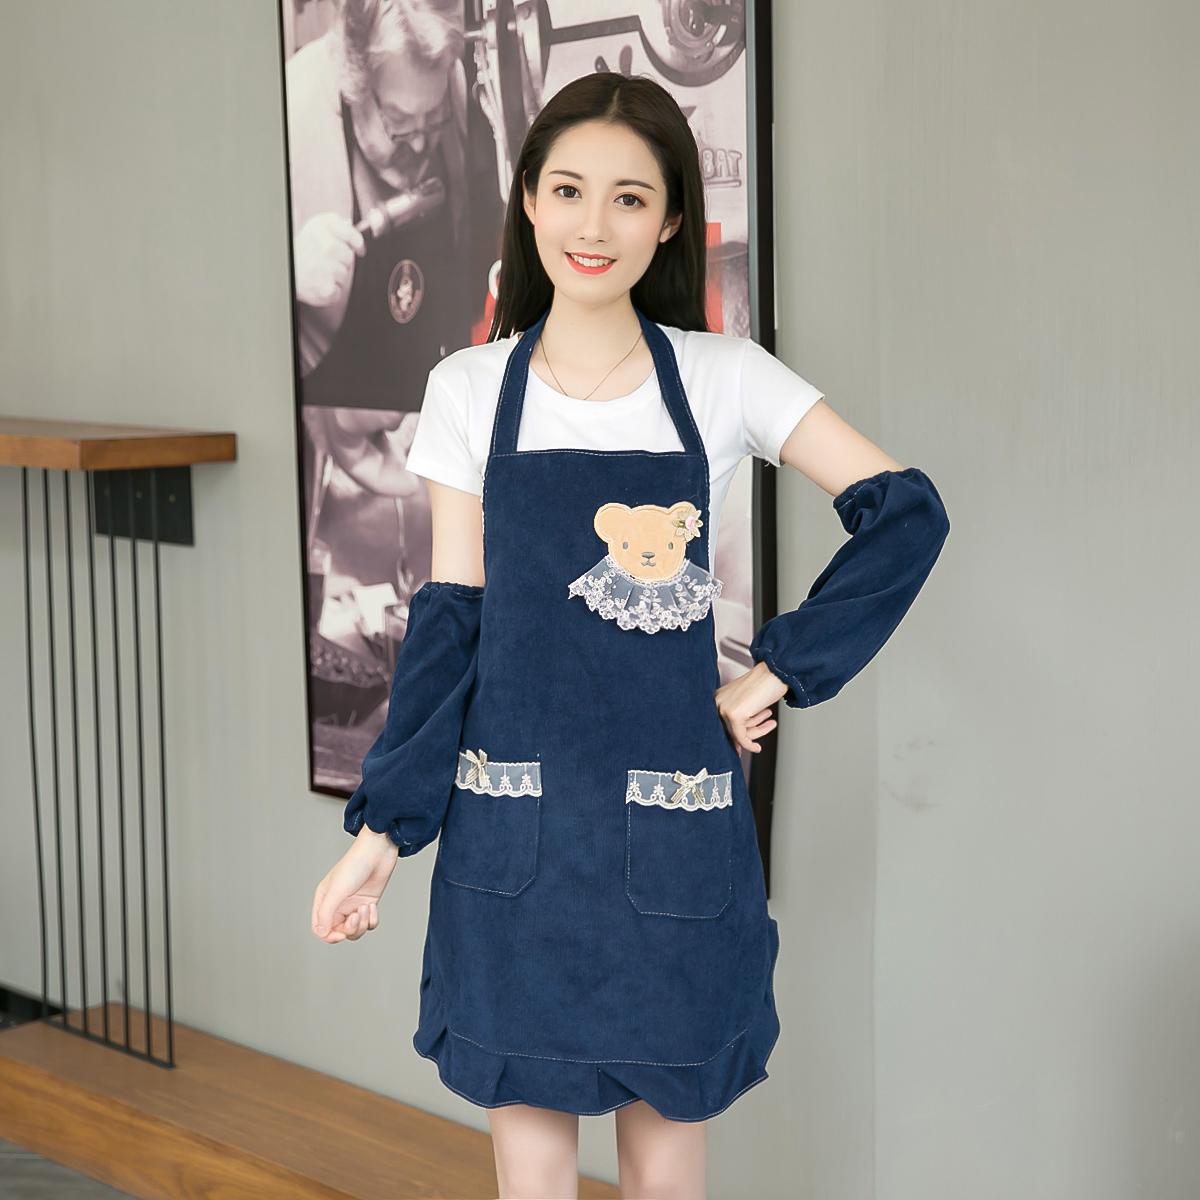 条绒时尚双层围裙防水防油美甲工作服厨房咖啡厅可爱公主做饭罩衣